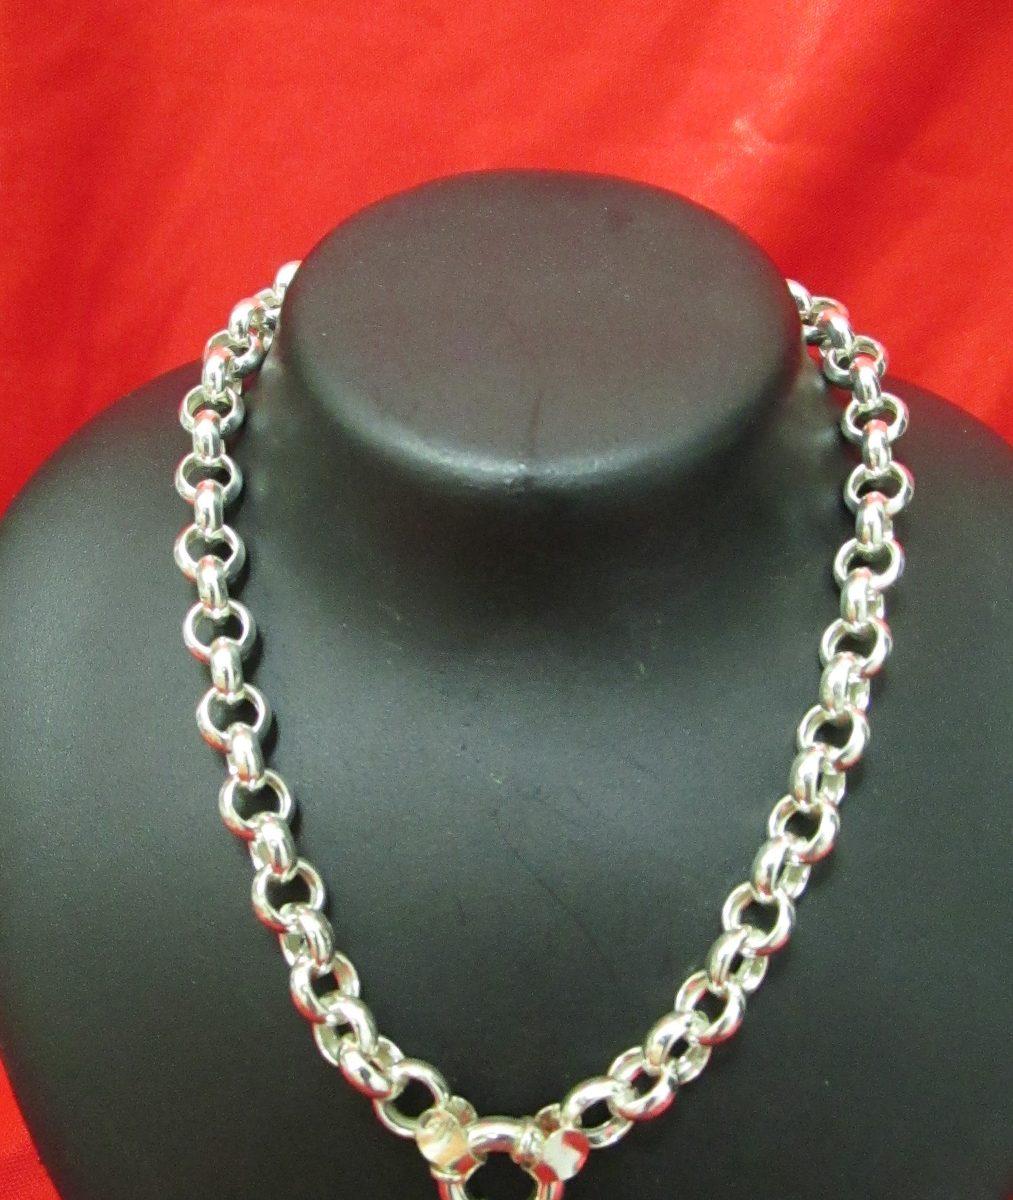 565e37bb2e8d cadena rolo plata 925 eslabon 12mm de grosor 50 cm largo. Cargando zoom.